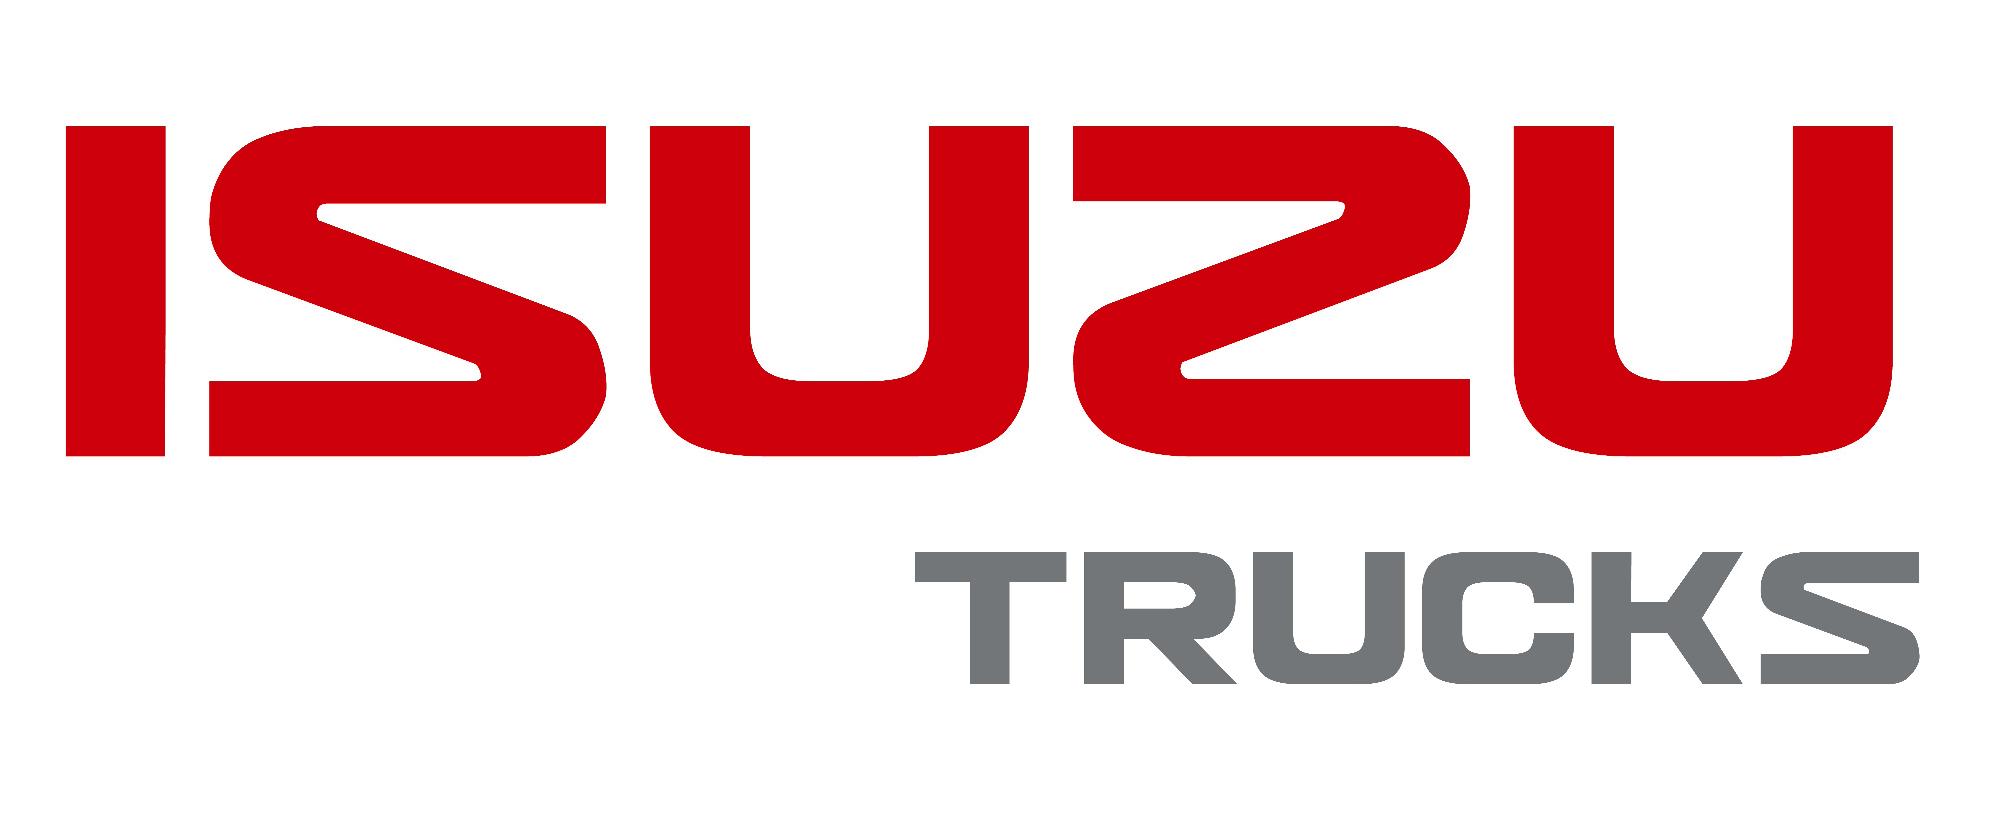 Isuzu Logo Meaning and History. Symbol Isuzu | World Cars ...